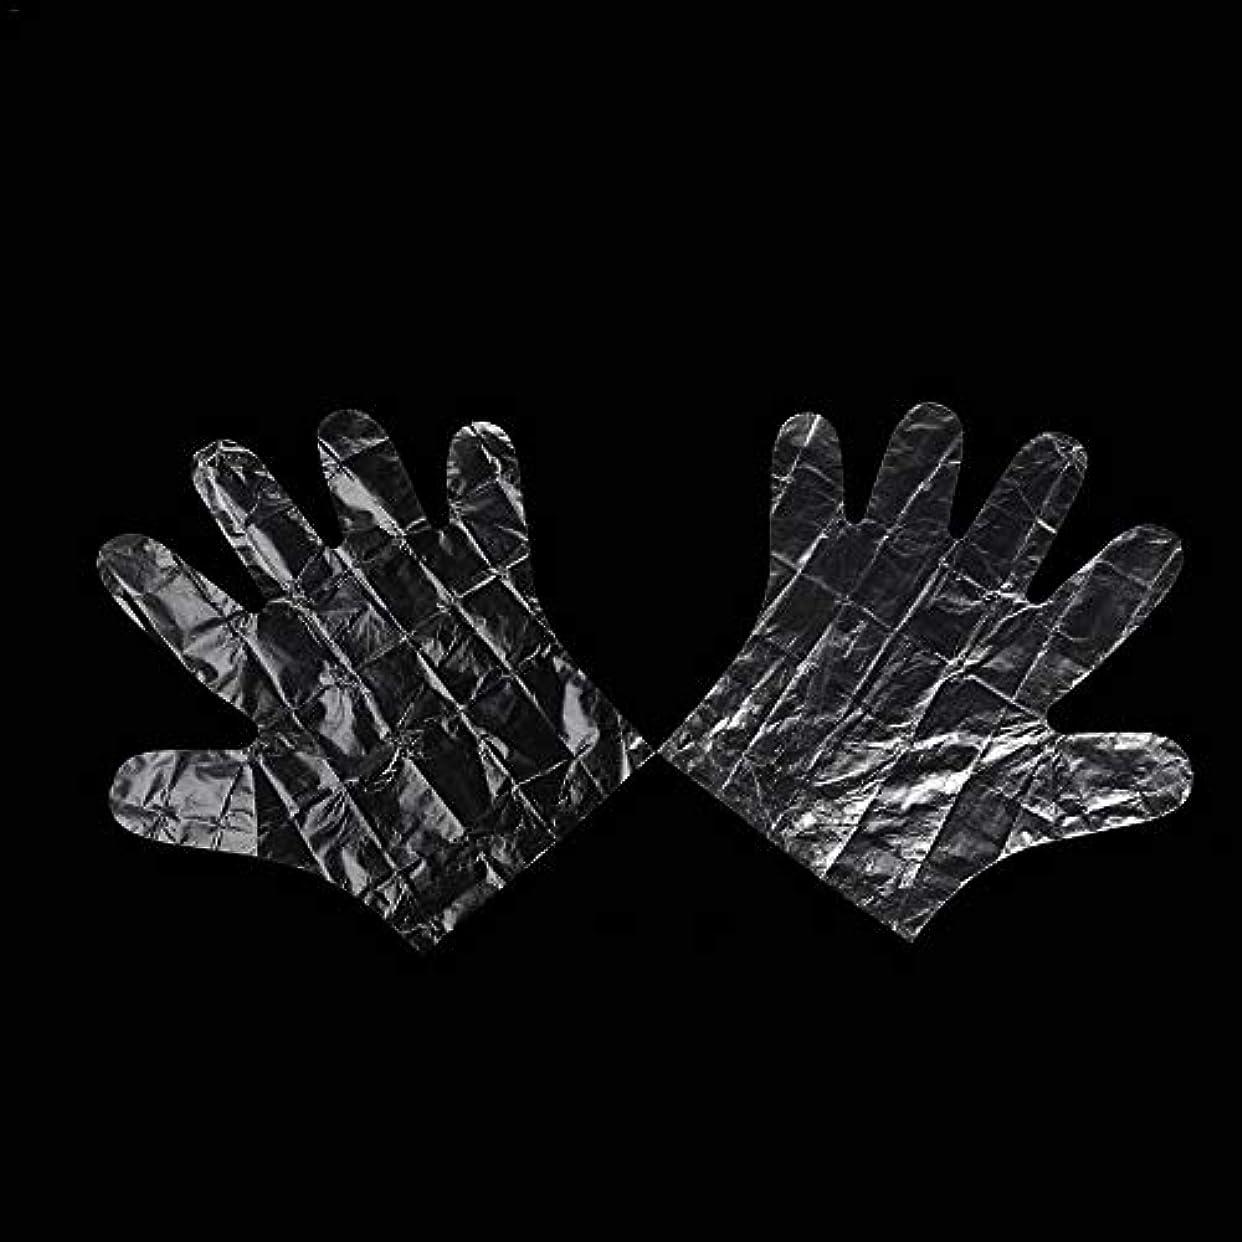 写真を撮る実行する安定しましたhopefull 使い捨て手袋 子供用 極薄ビニール手袋 ポリエチレン 透明 実用 衛生 100枚/200m枚セット 左右兼用 gifts